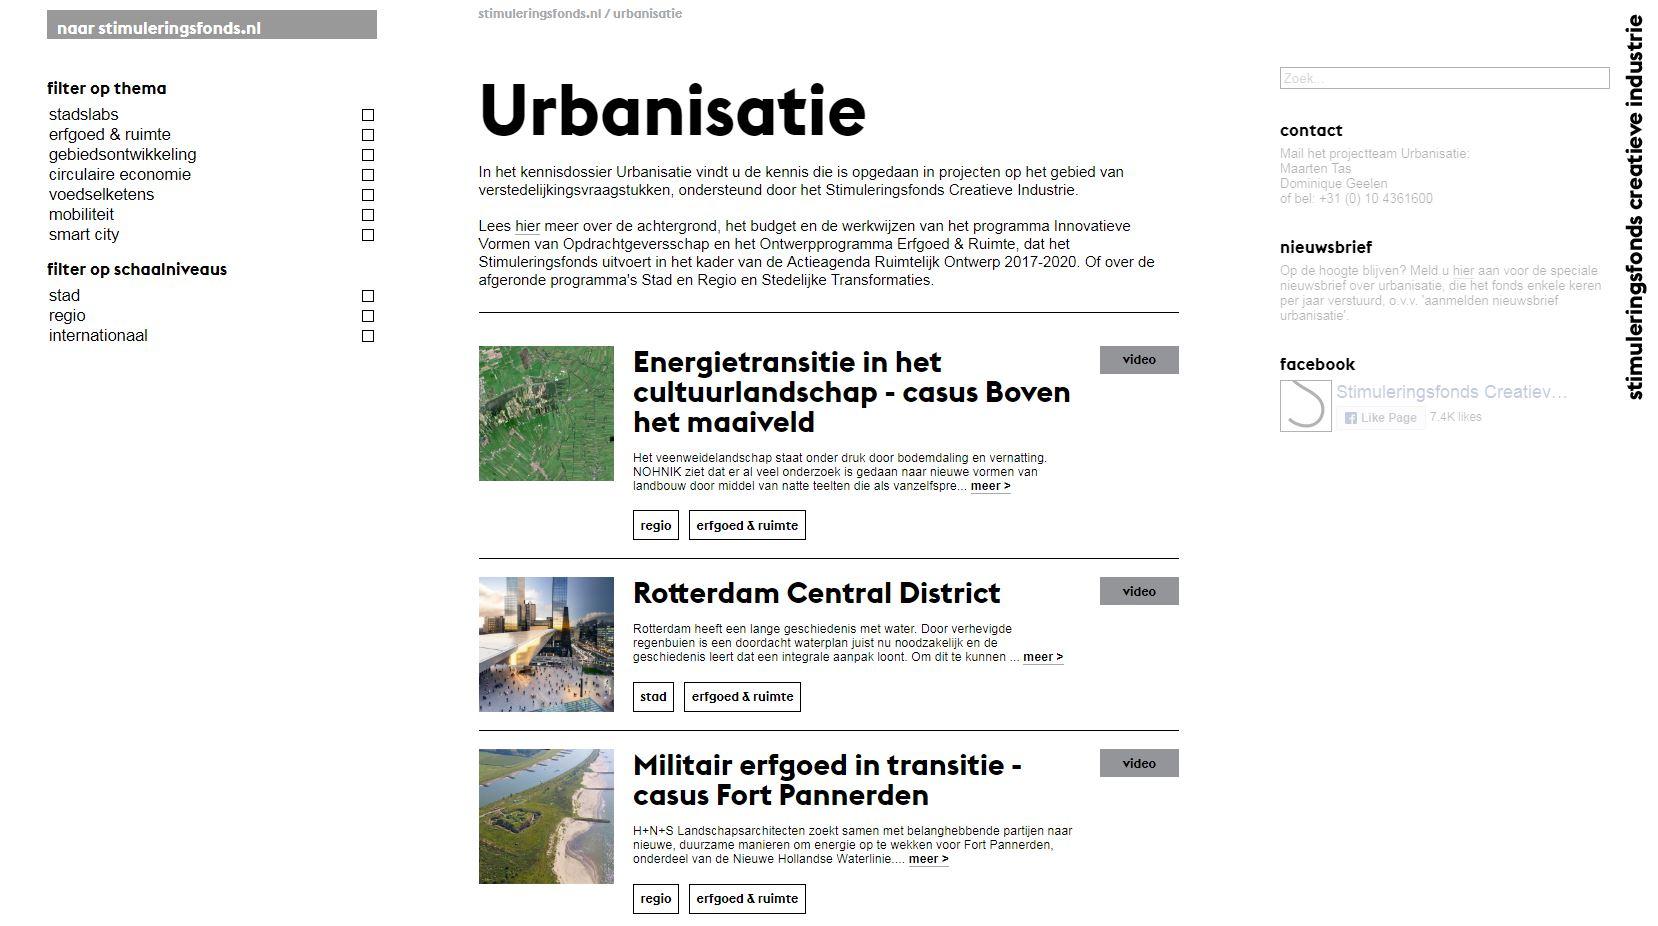 urbanisatie.jpg